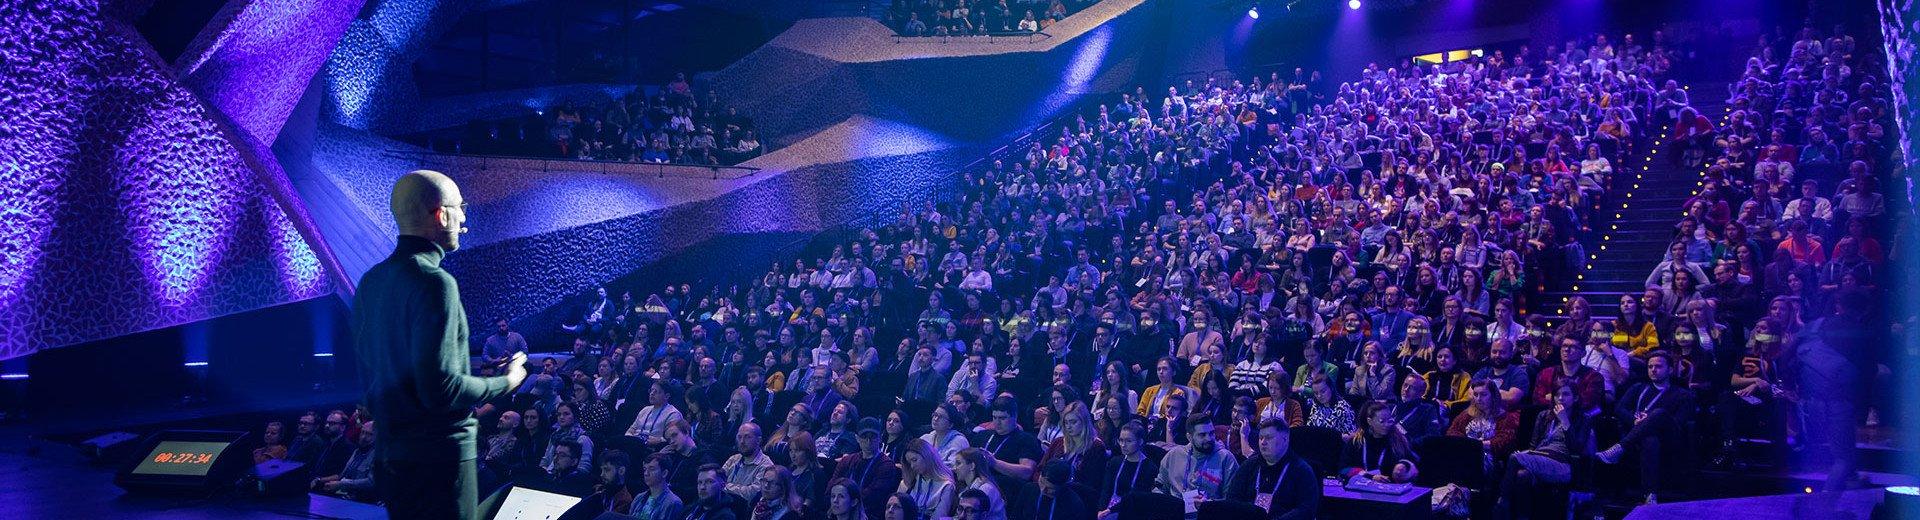 Okładka artykułu Wydarzenia dla grafików w 2020 roku — Konferencje, spotkania, meetupy